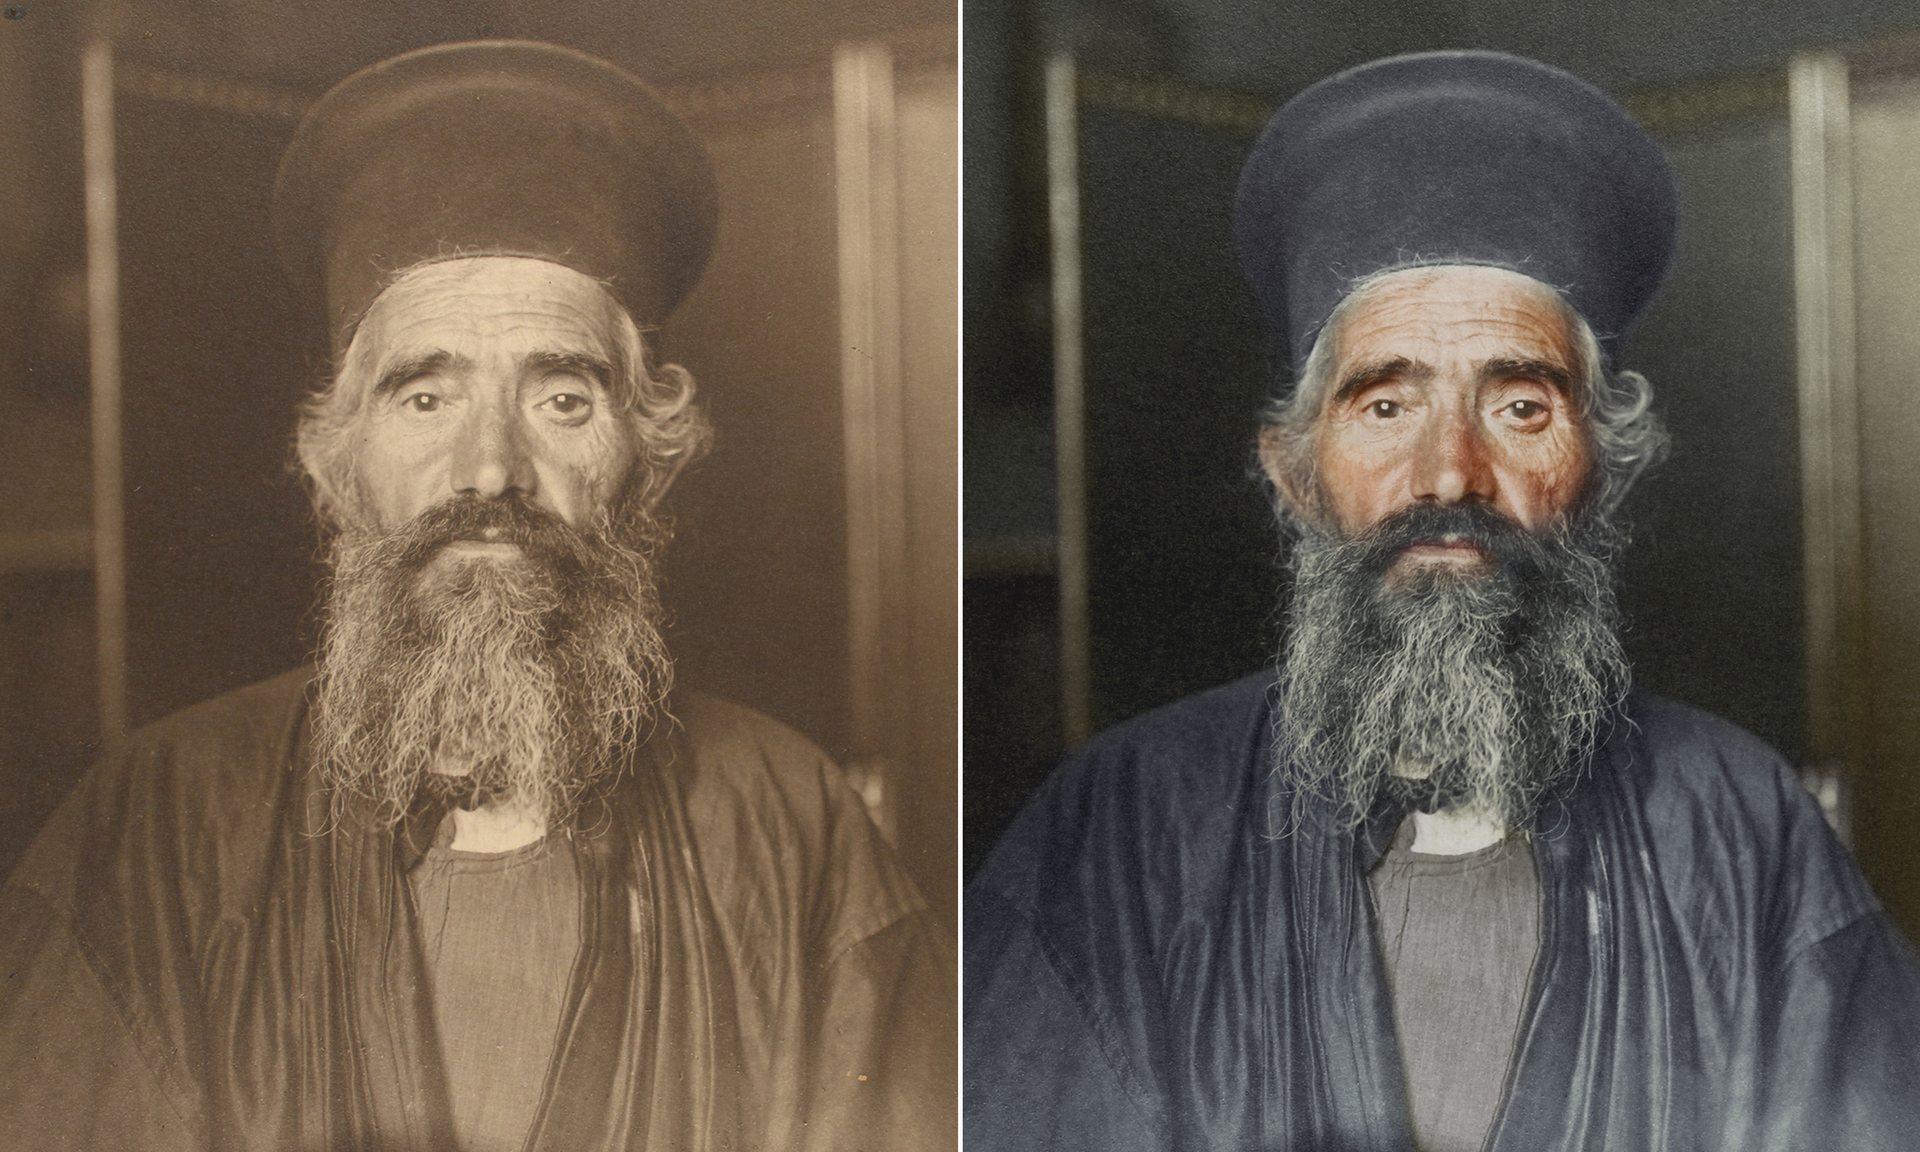 Un sacerdote ortodoxo griego, que lleva una túnica hasta los tobillos y un sombrero cilíndrico rígido llamado kamilavkion, usado durante los servicios